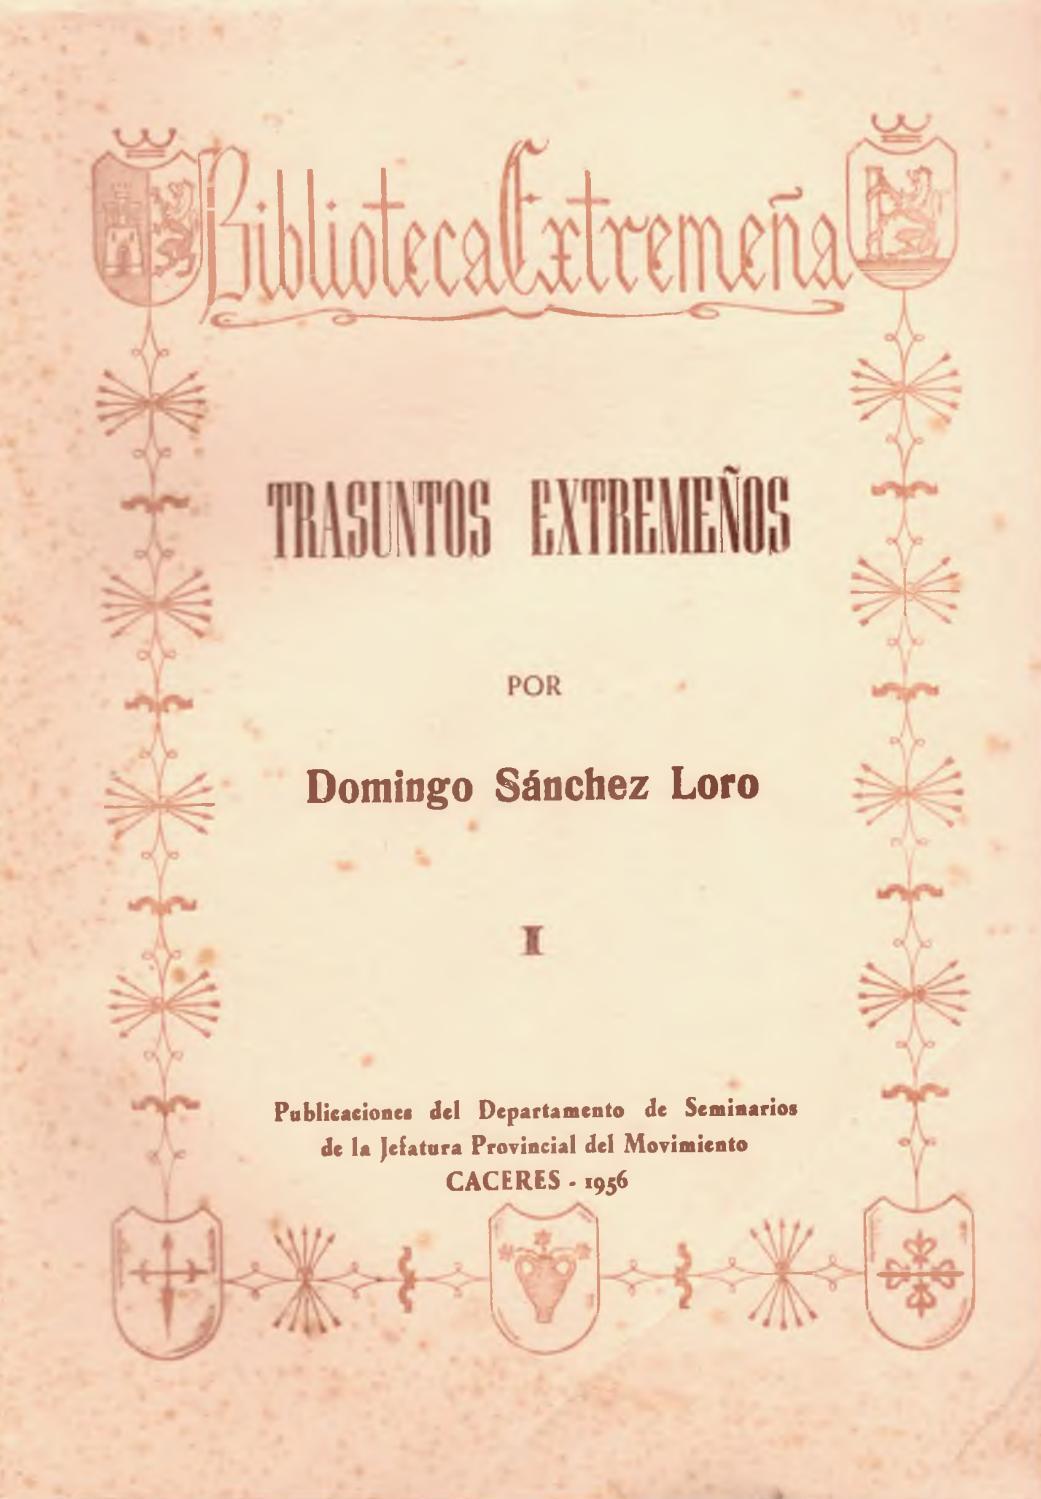 Trasuntos extremeños por Domingo Sánchez Loro by Biblioteca Virtual ...